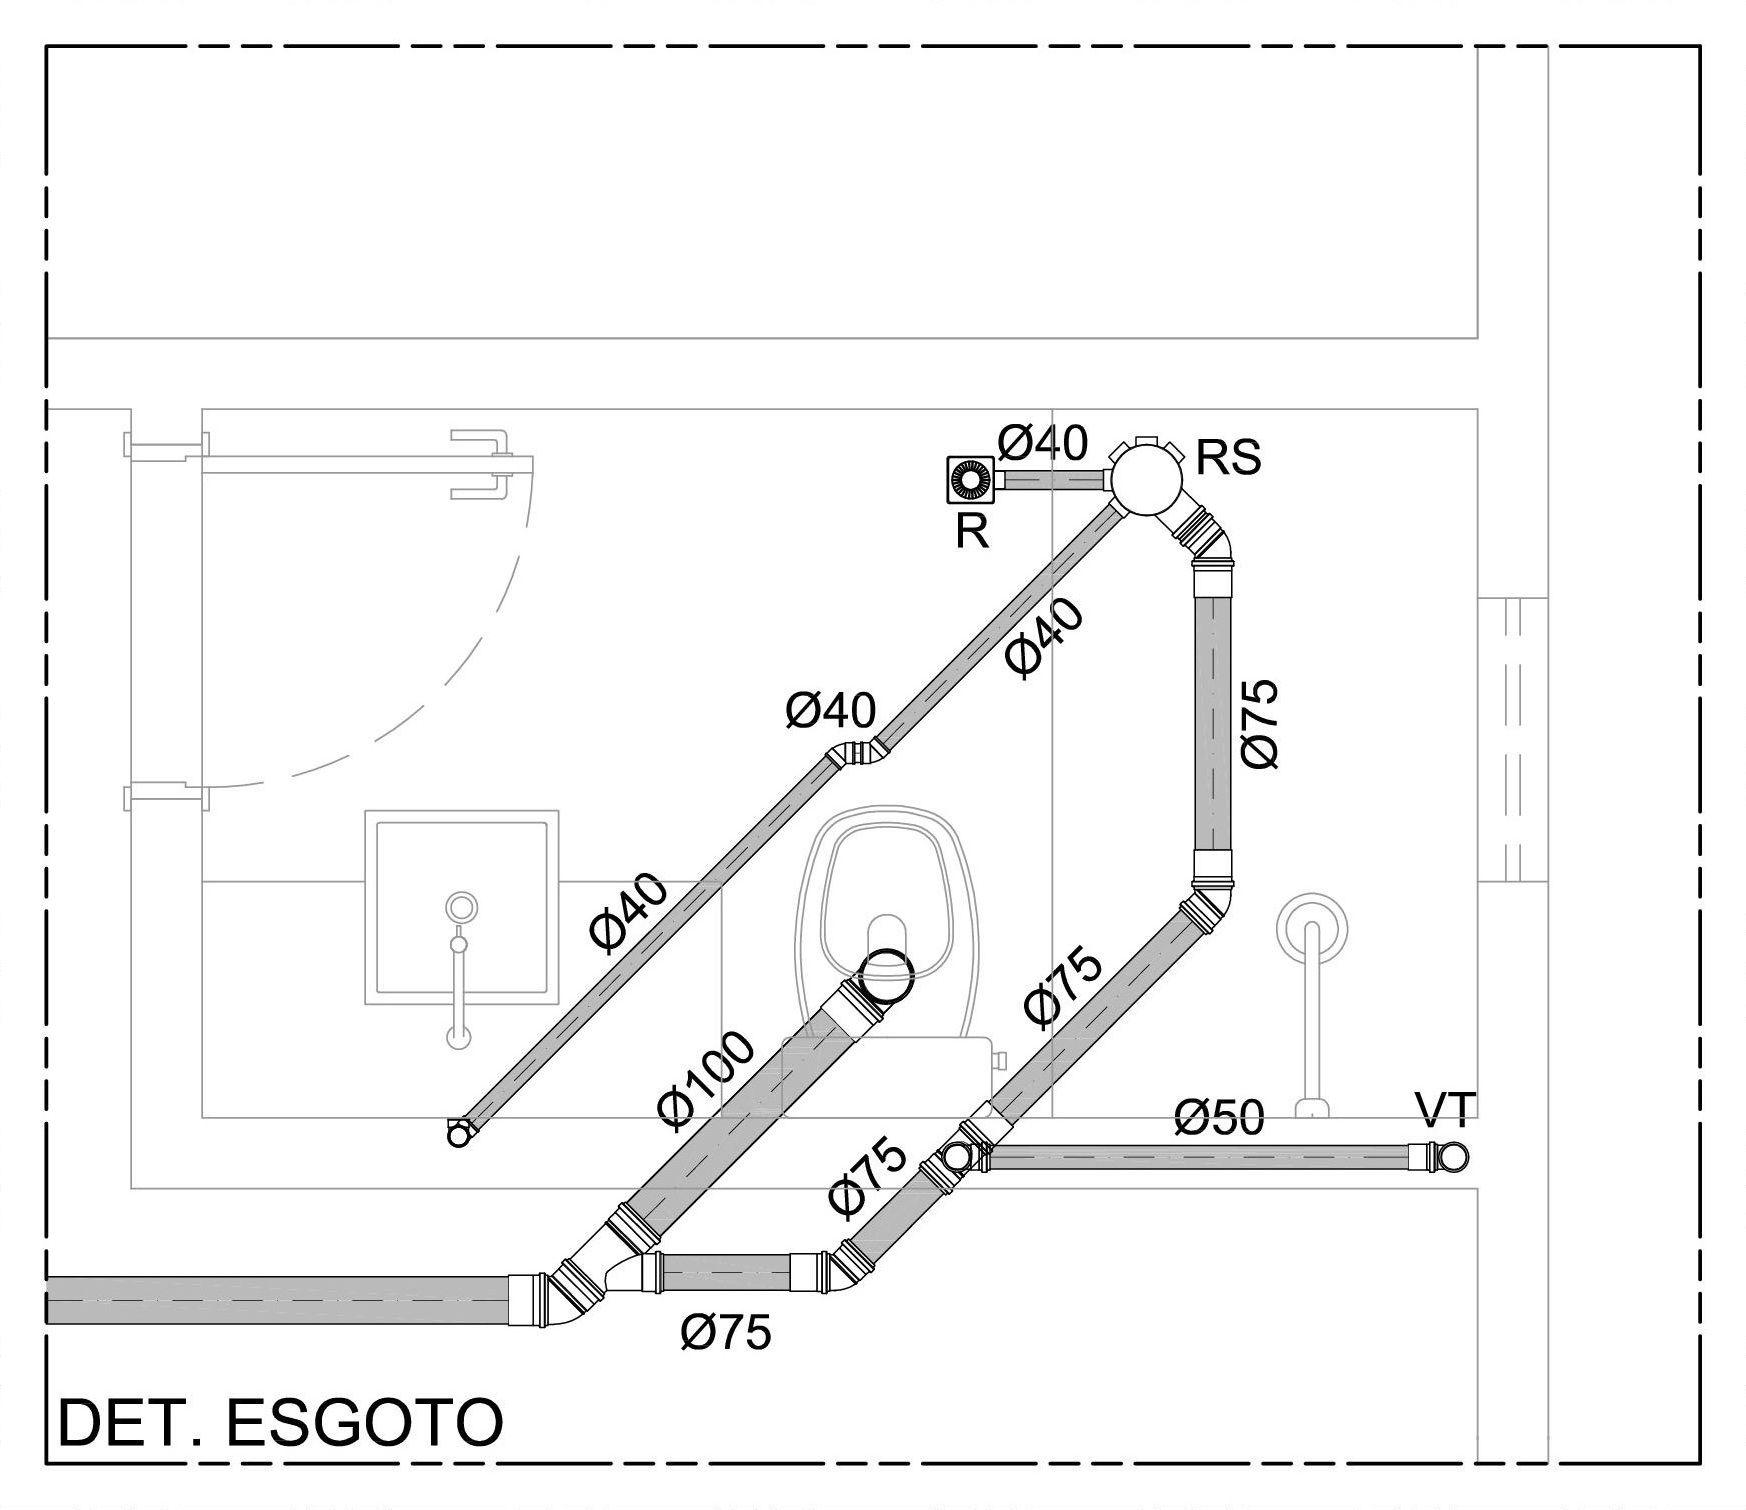 Projeto Esgoto Pesquisa Google Detalhes Construitivos